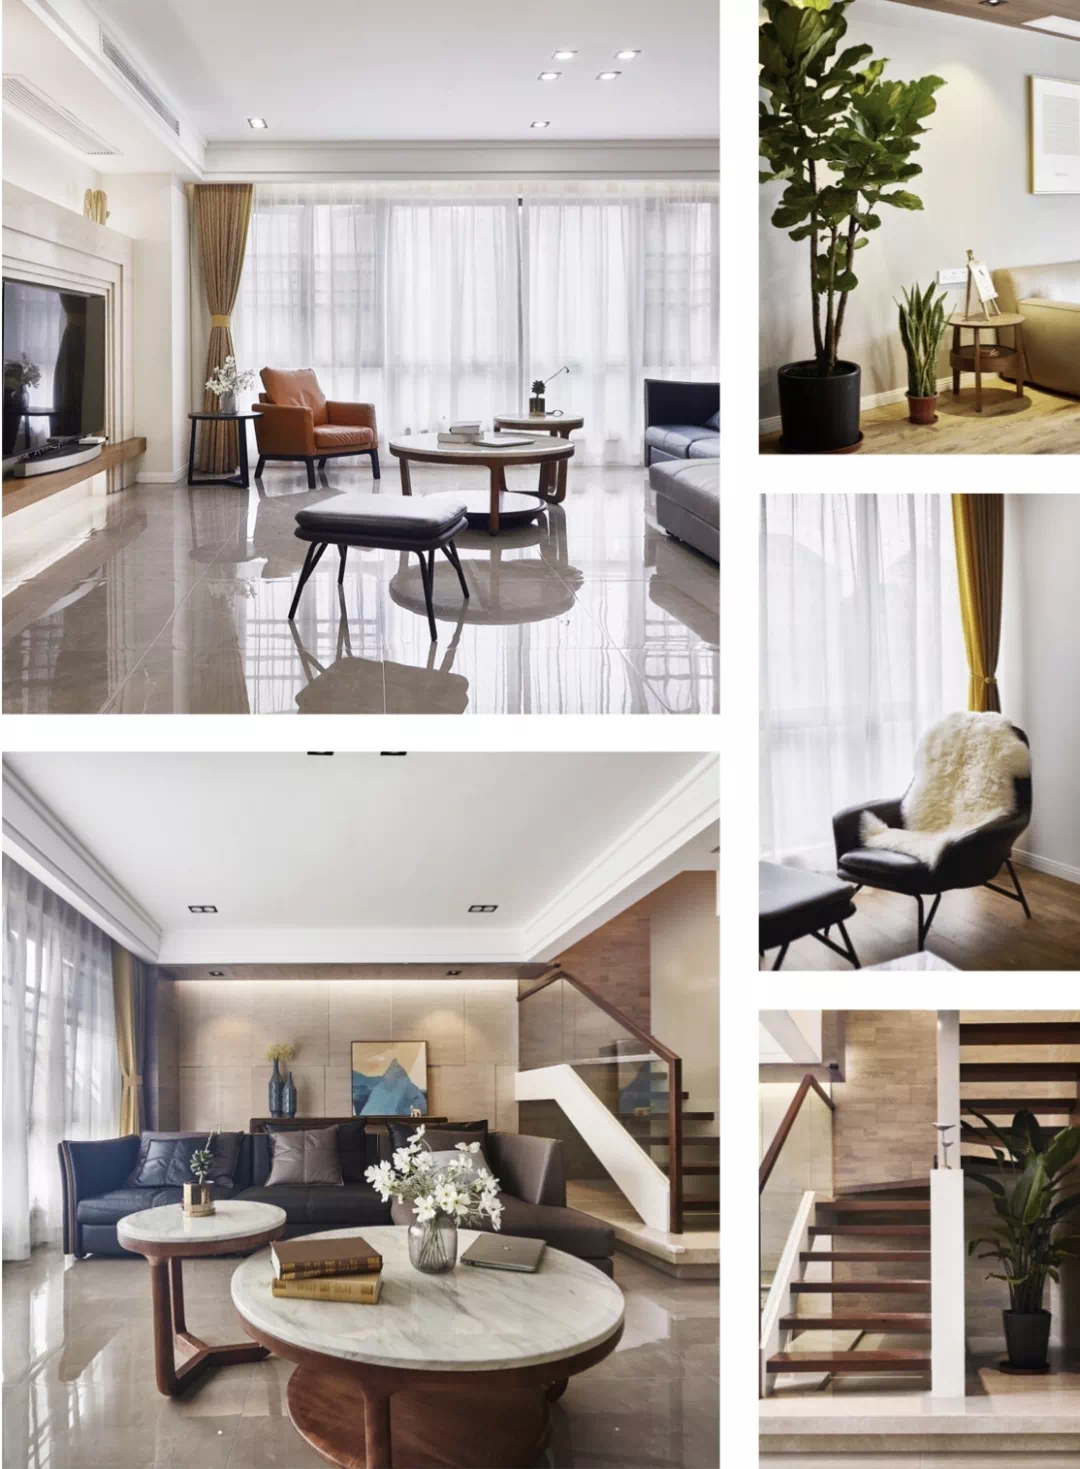 近200m²双层大house,现代生活,舒适,藏不住! 现代 舒适 装修设计 第3张